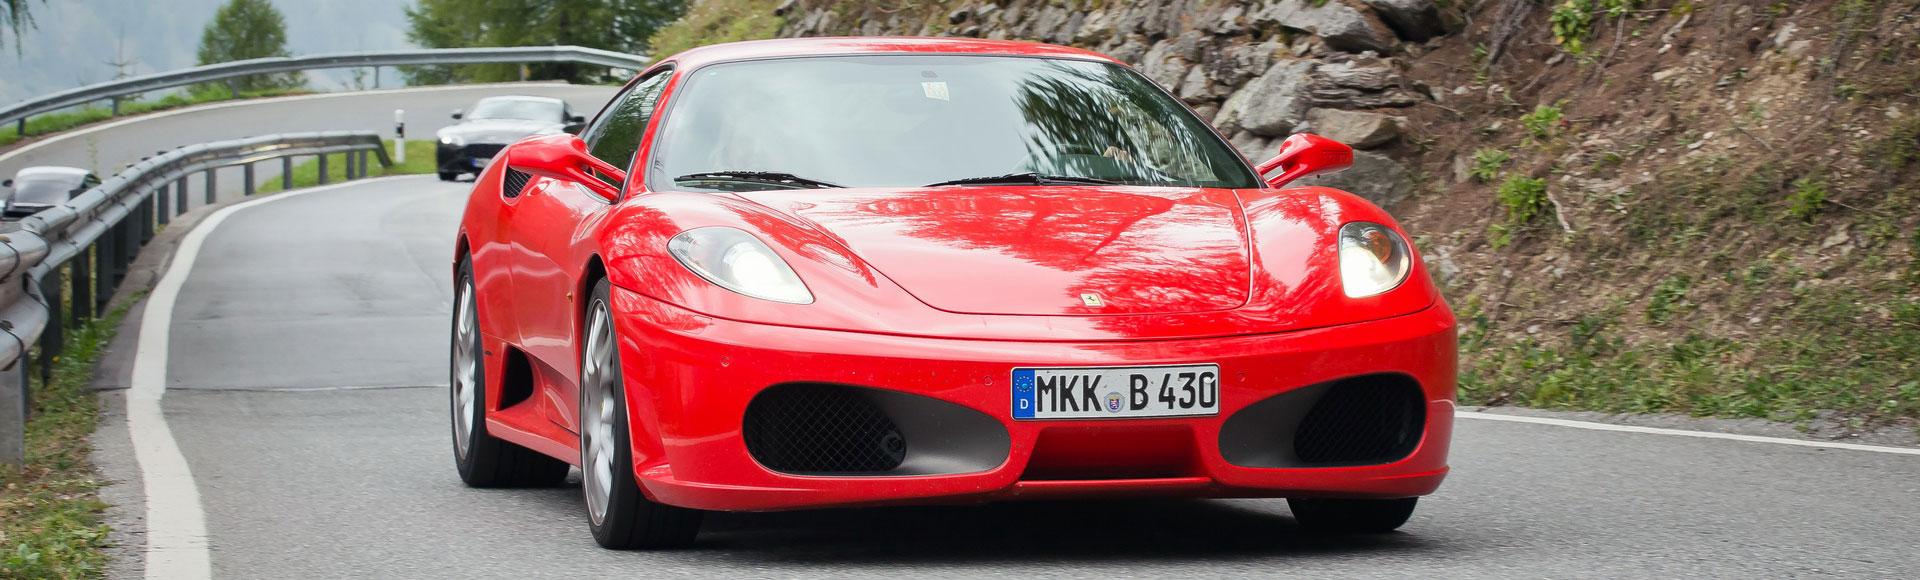 Ferrari F430 2008 0743 Herbst